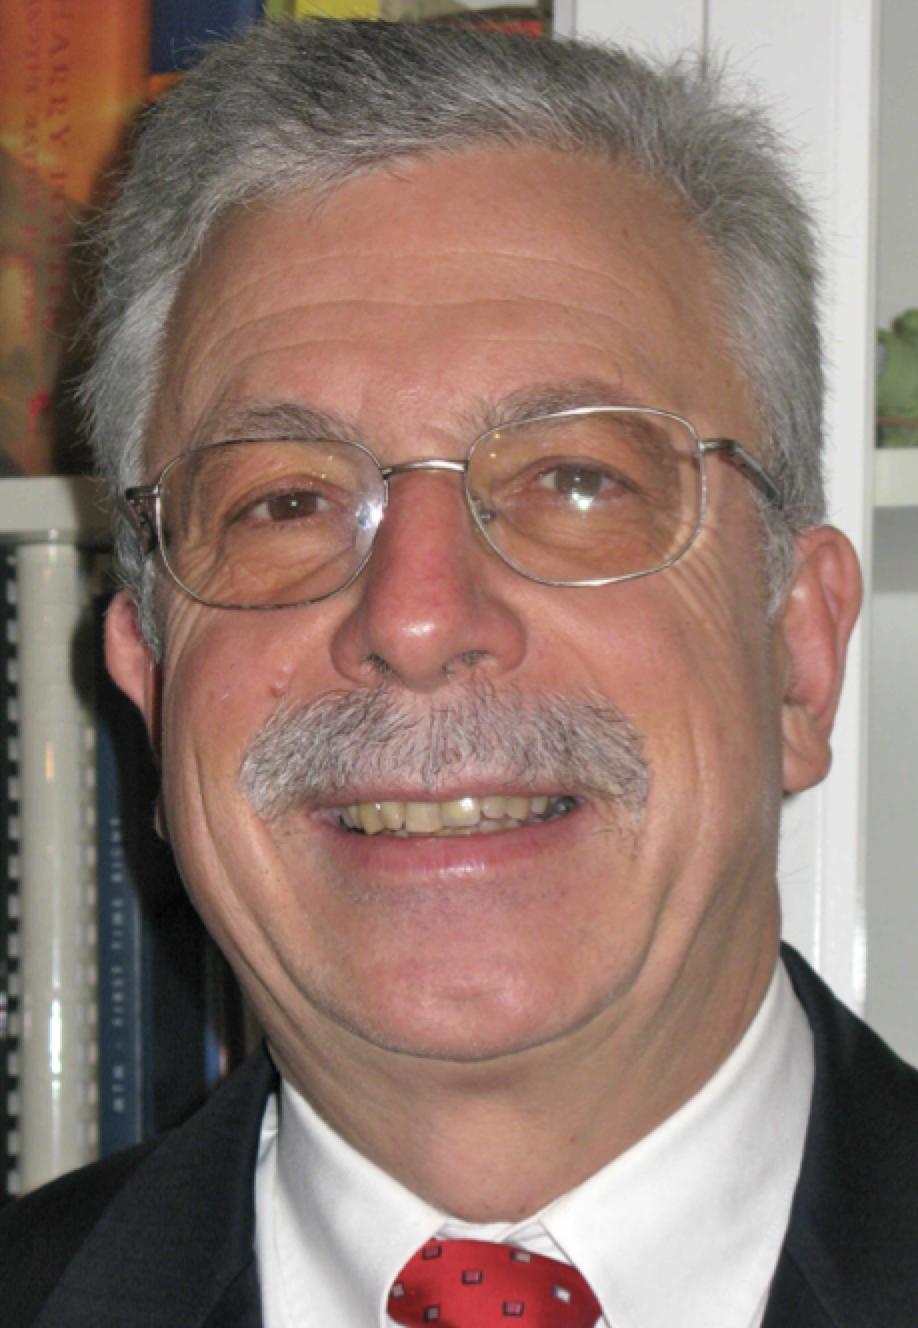 Meet Expert Alberto Pigini at the 2019 INMR WORLD CONGRESS Tucson, Arizona, USA Oct 20-23 Albert Pigini